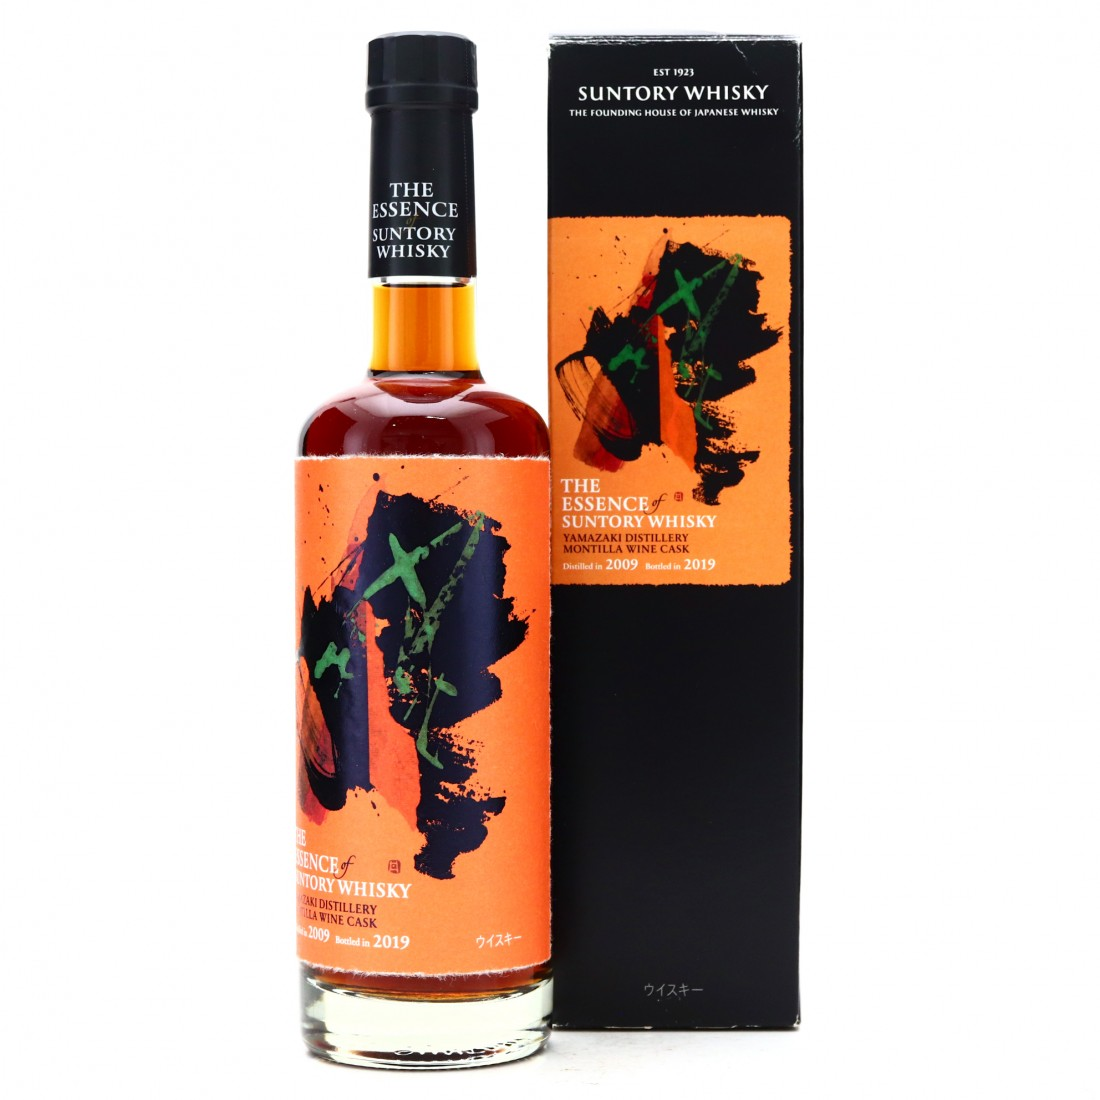 Yamazaki 2009 Montilla Wine Cask 50cl / The Essence of Suntory